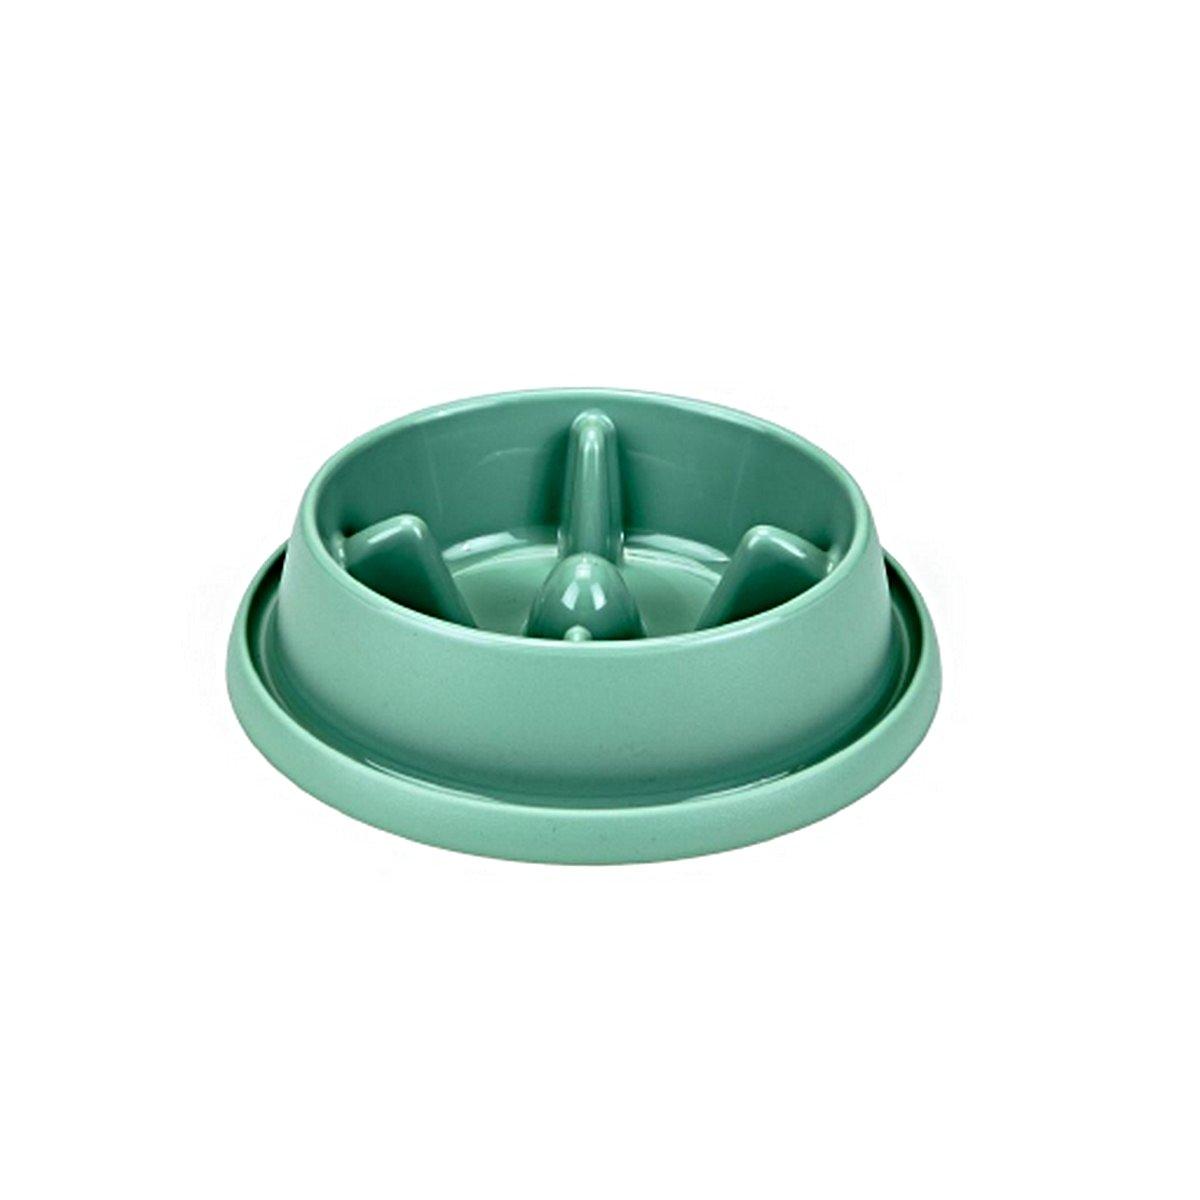 Imagem de Beeztees Anti Scoff Bowl Morien Plastic Lightgreen 0,95l